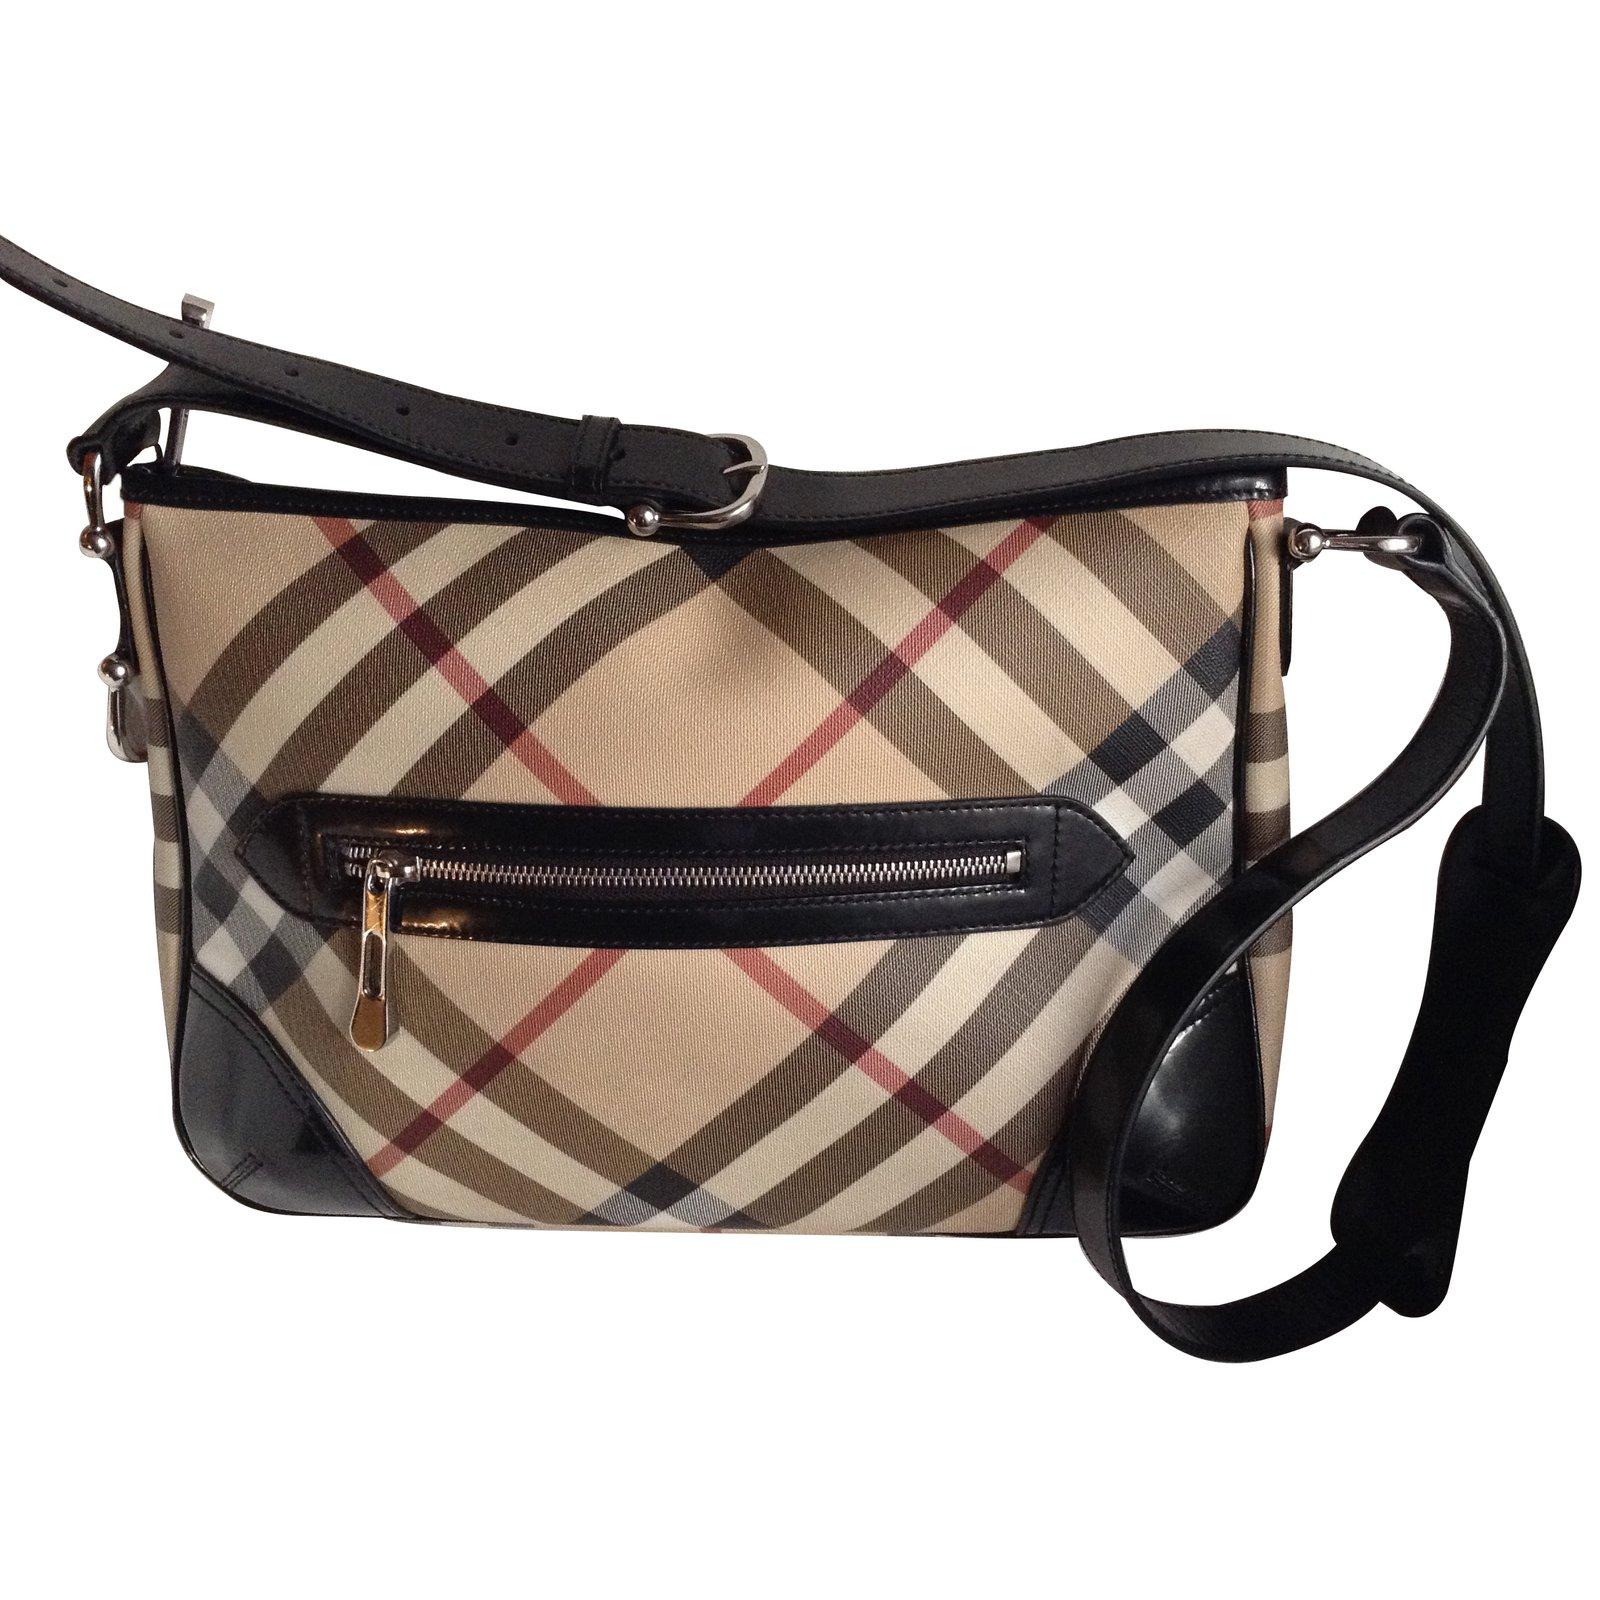 92cbbdf044b Burberry Handbags Handbags Cloth Beige ref.9385 - Joli Closet